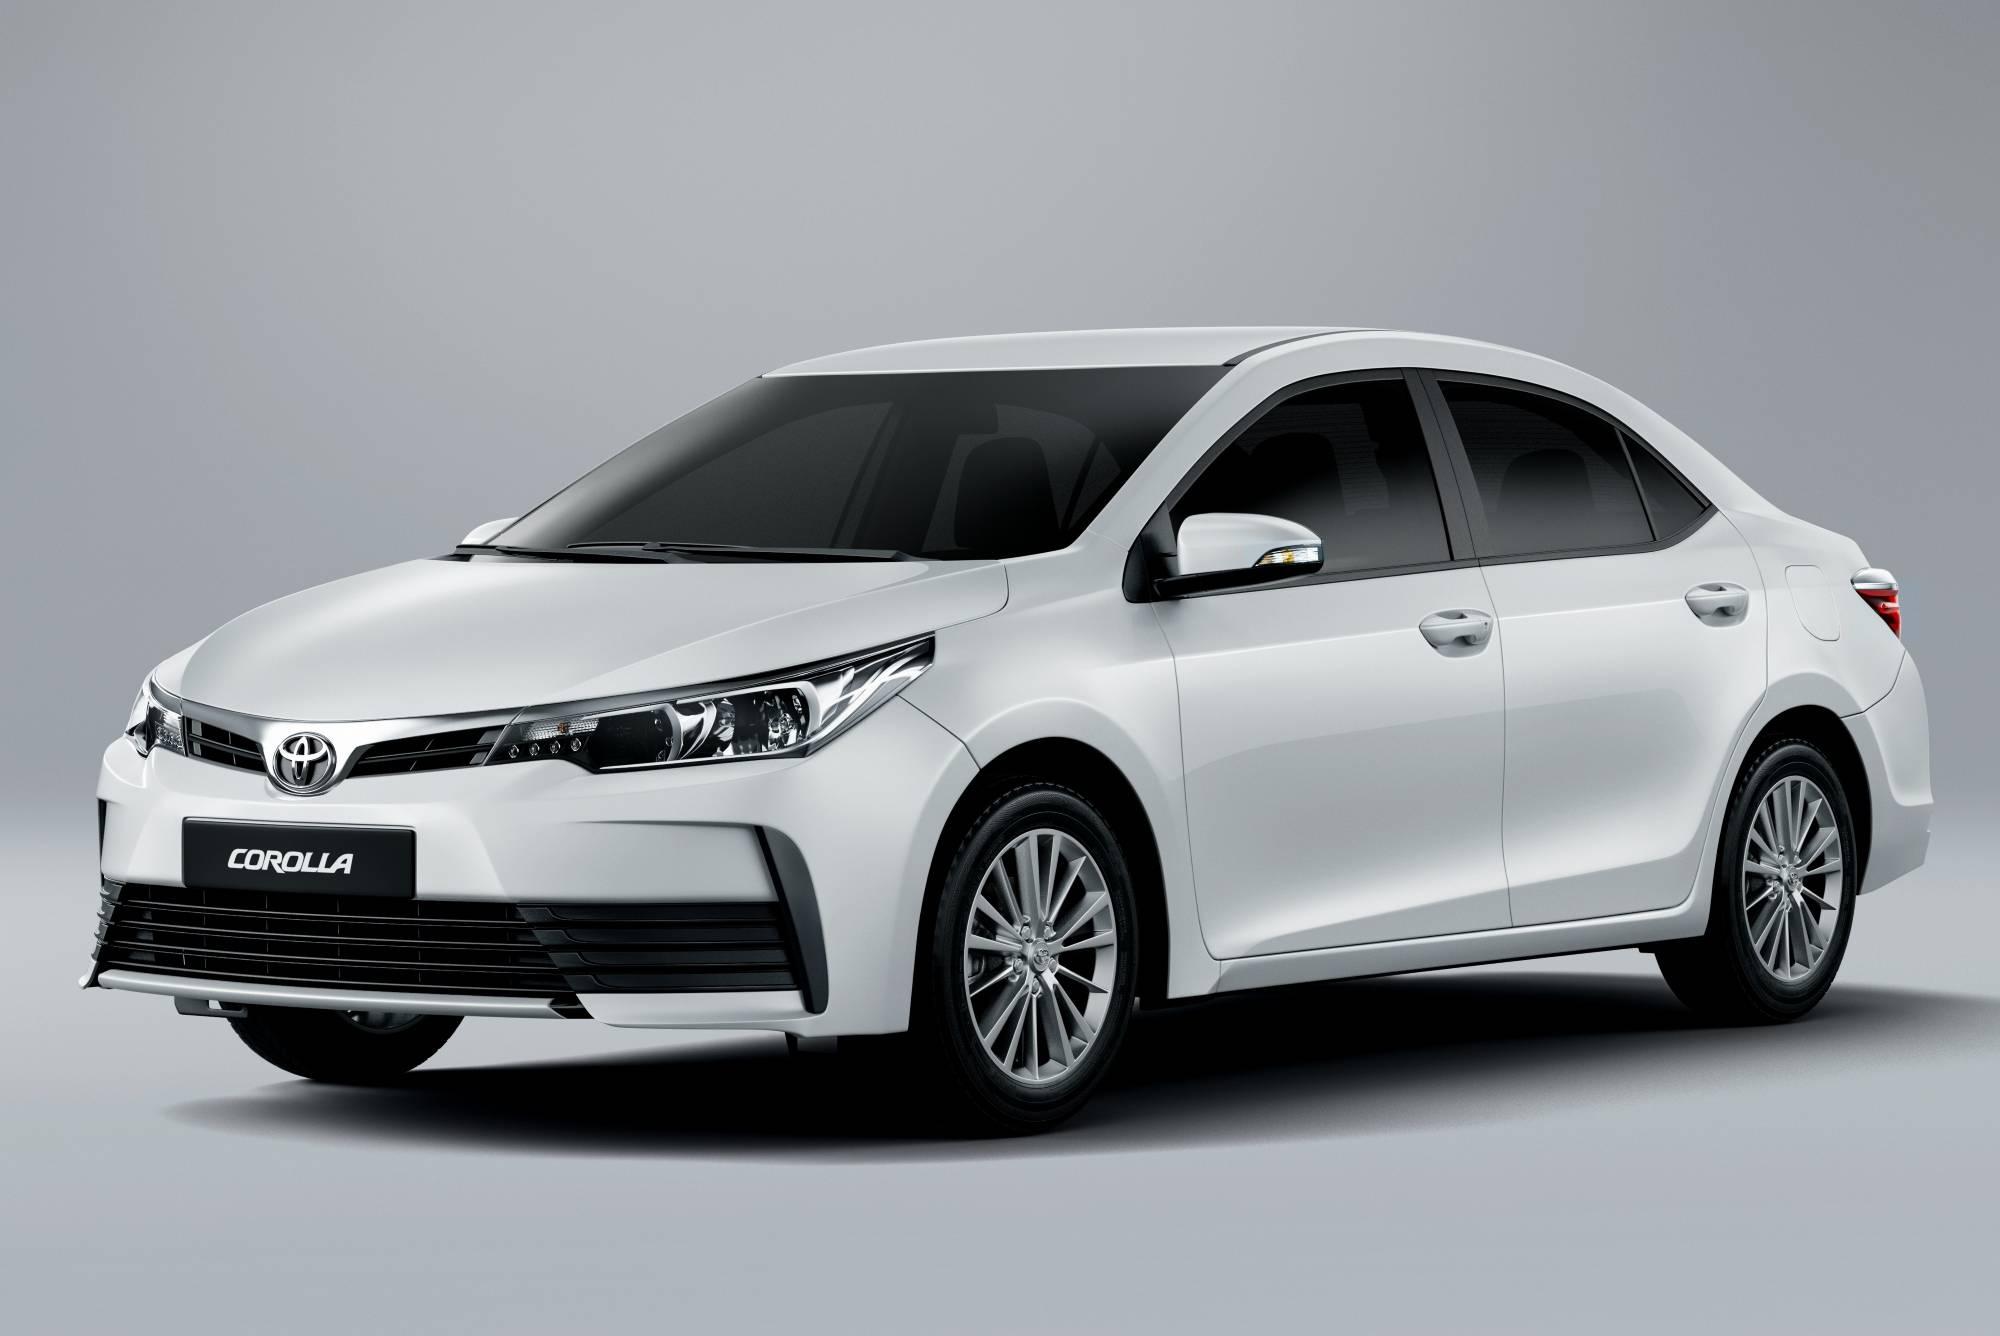 Imagem para ilustrar o texto sobre carros com menor desvalorização